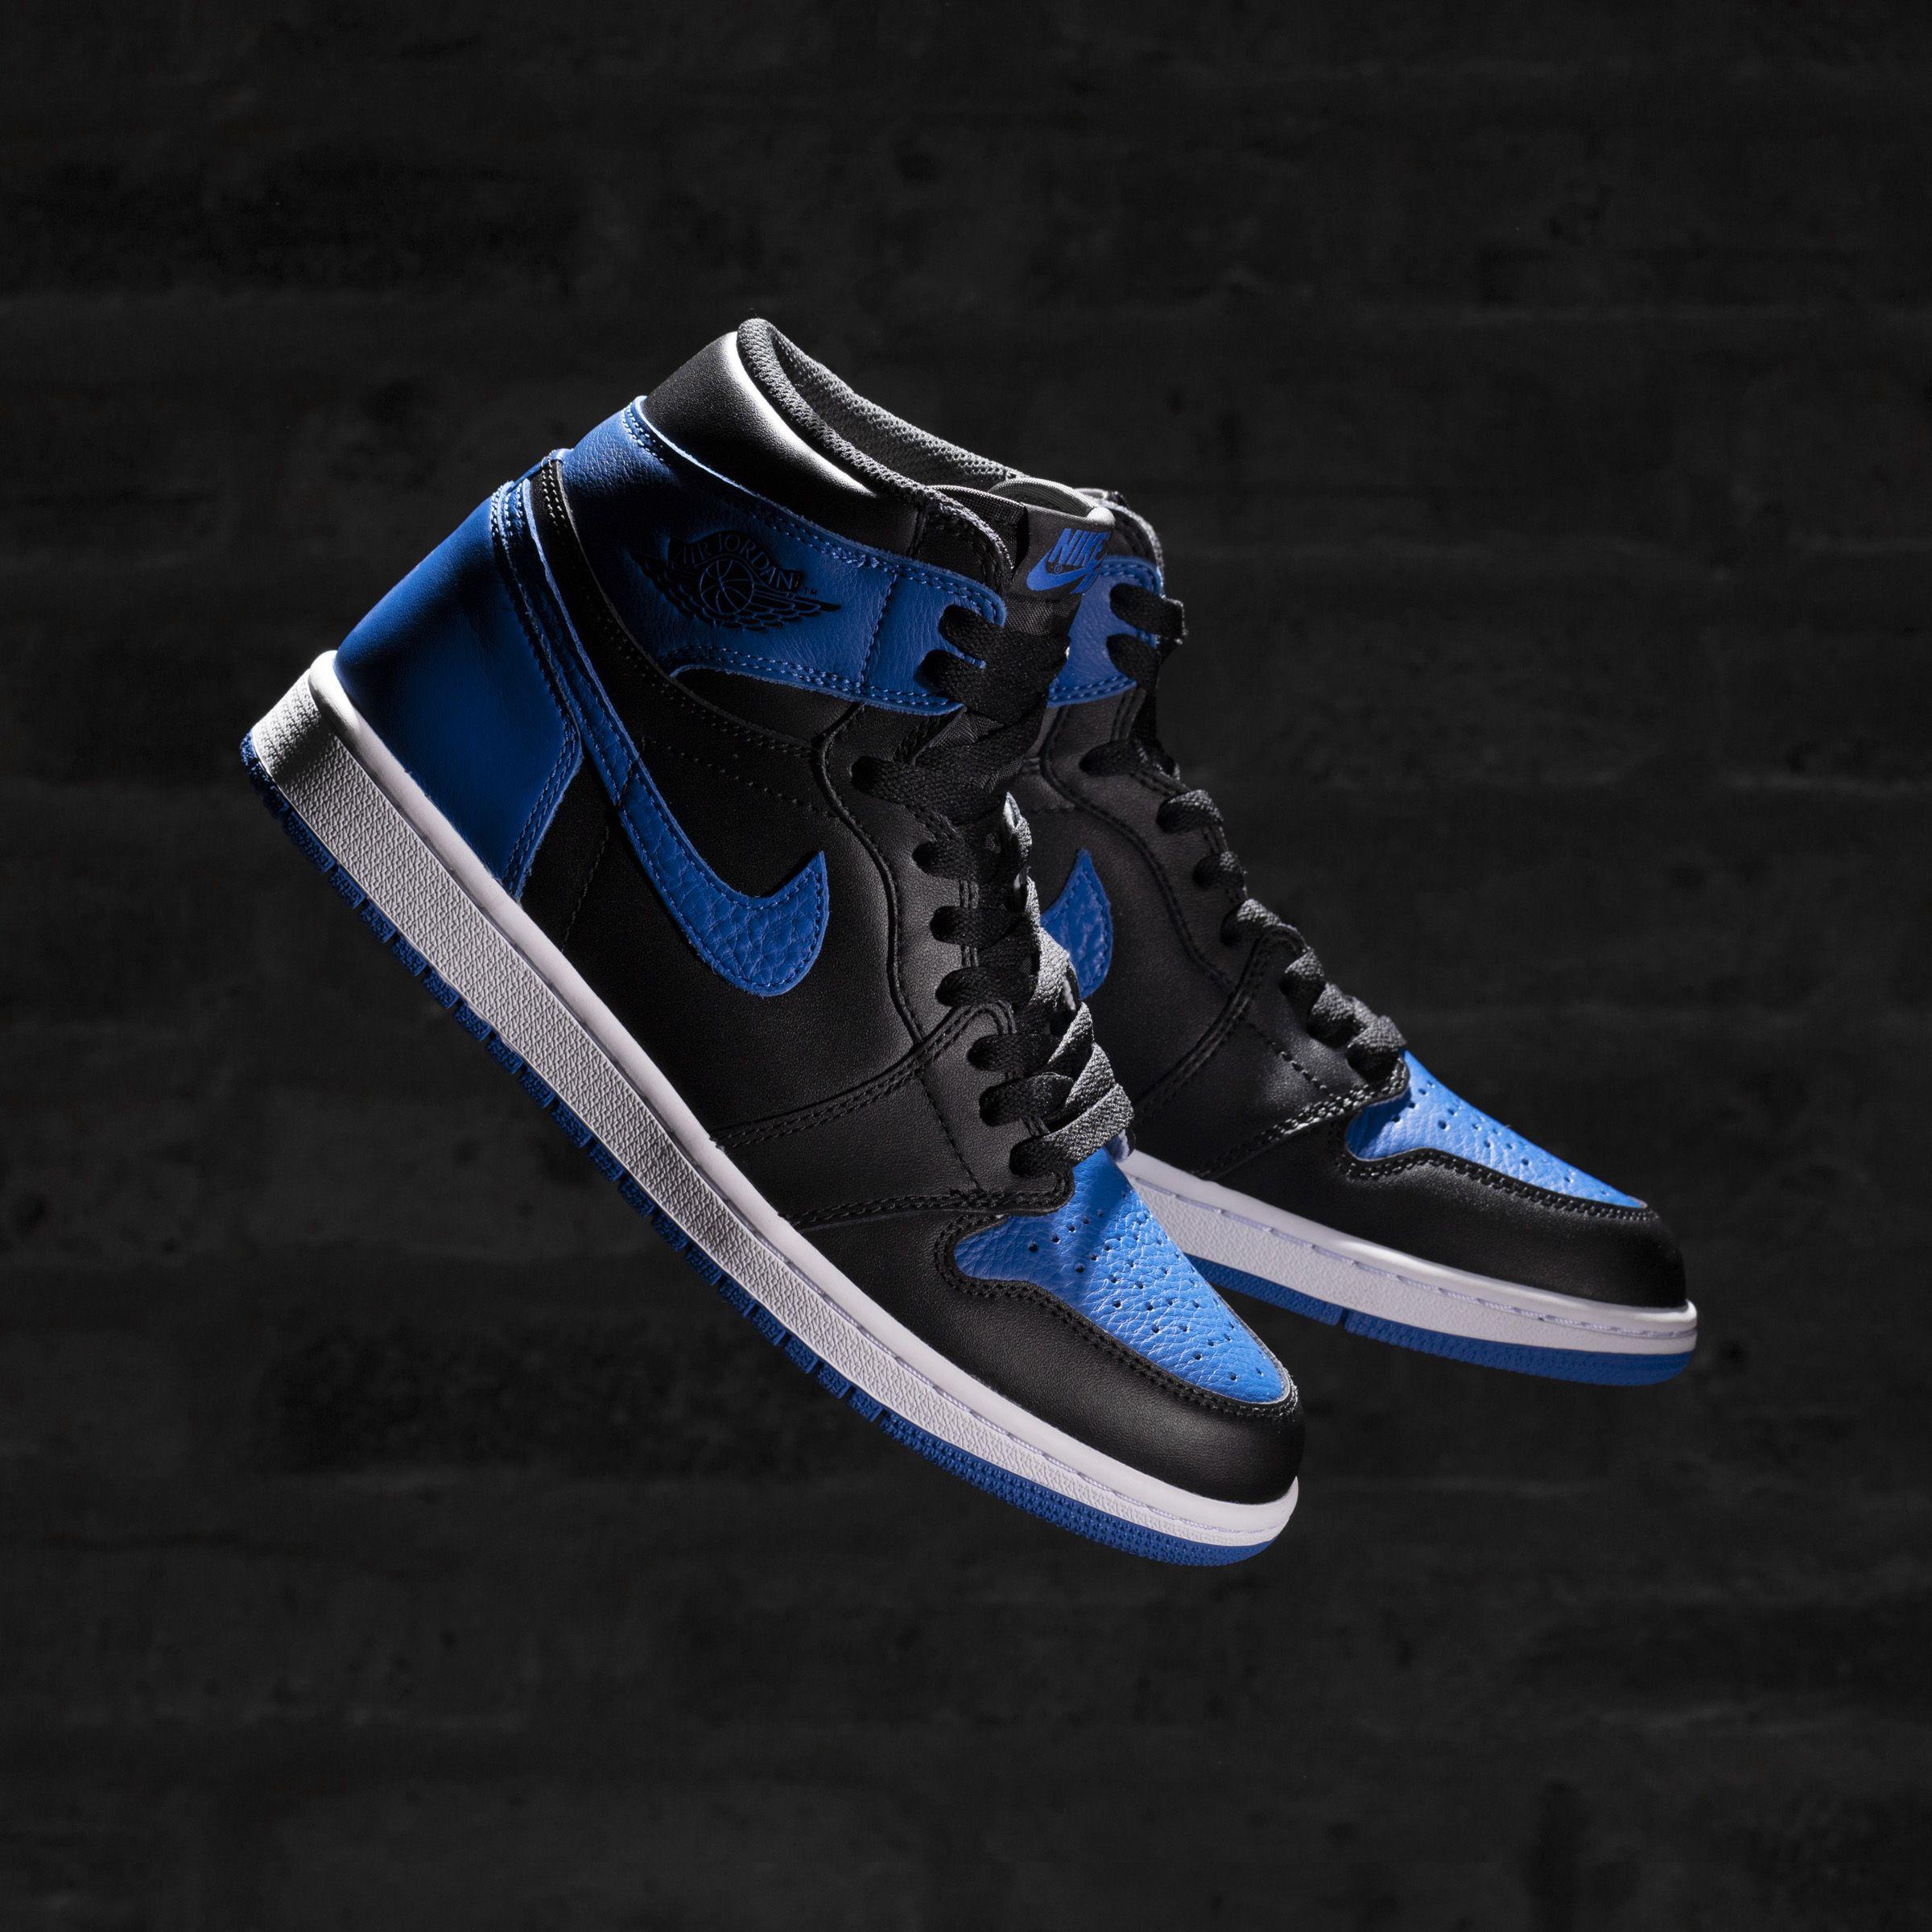 2017 Nike Air Jordan 1 Nike Retro High Og Royal Blue Air Jordan 1 Retro High Og Royal Air Jordans Jordan 1 Royal Sneakers